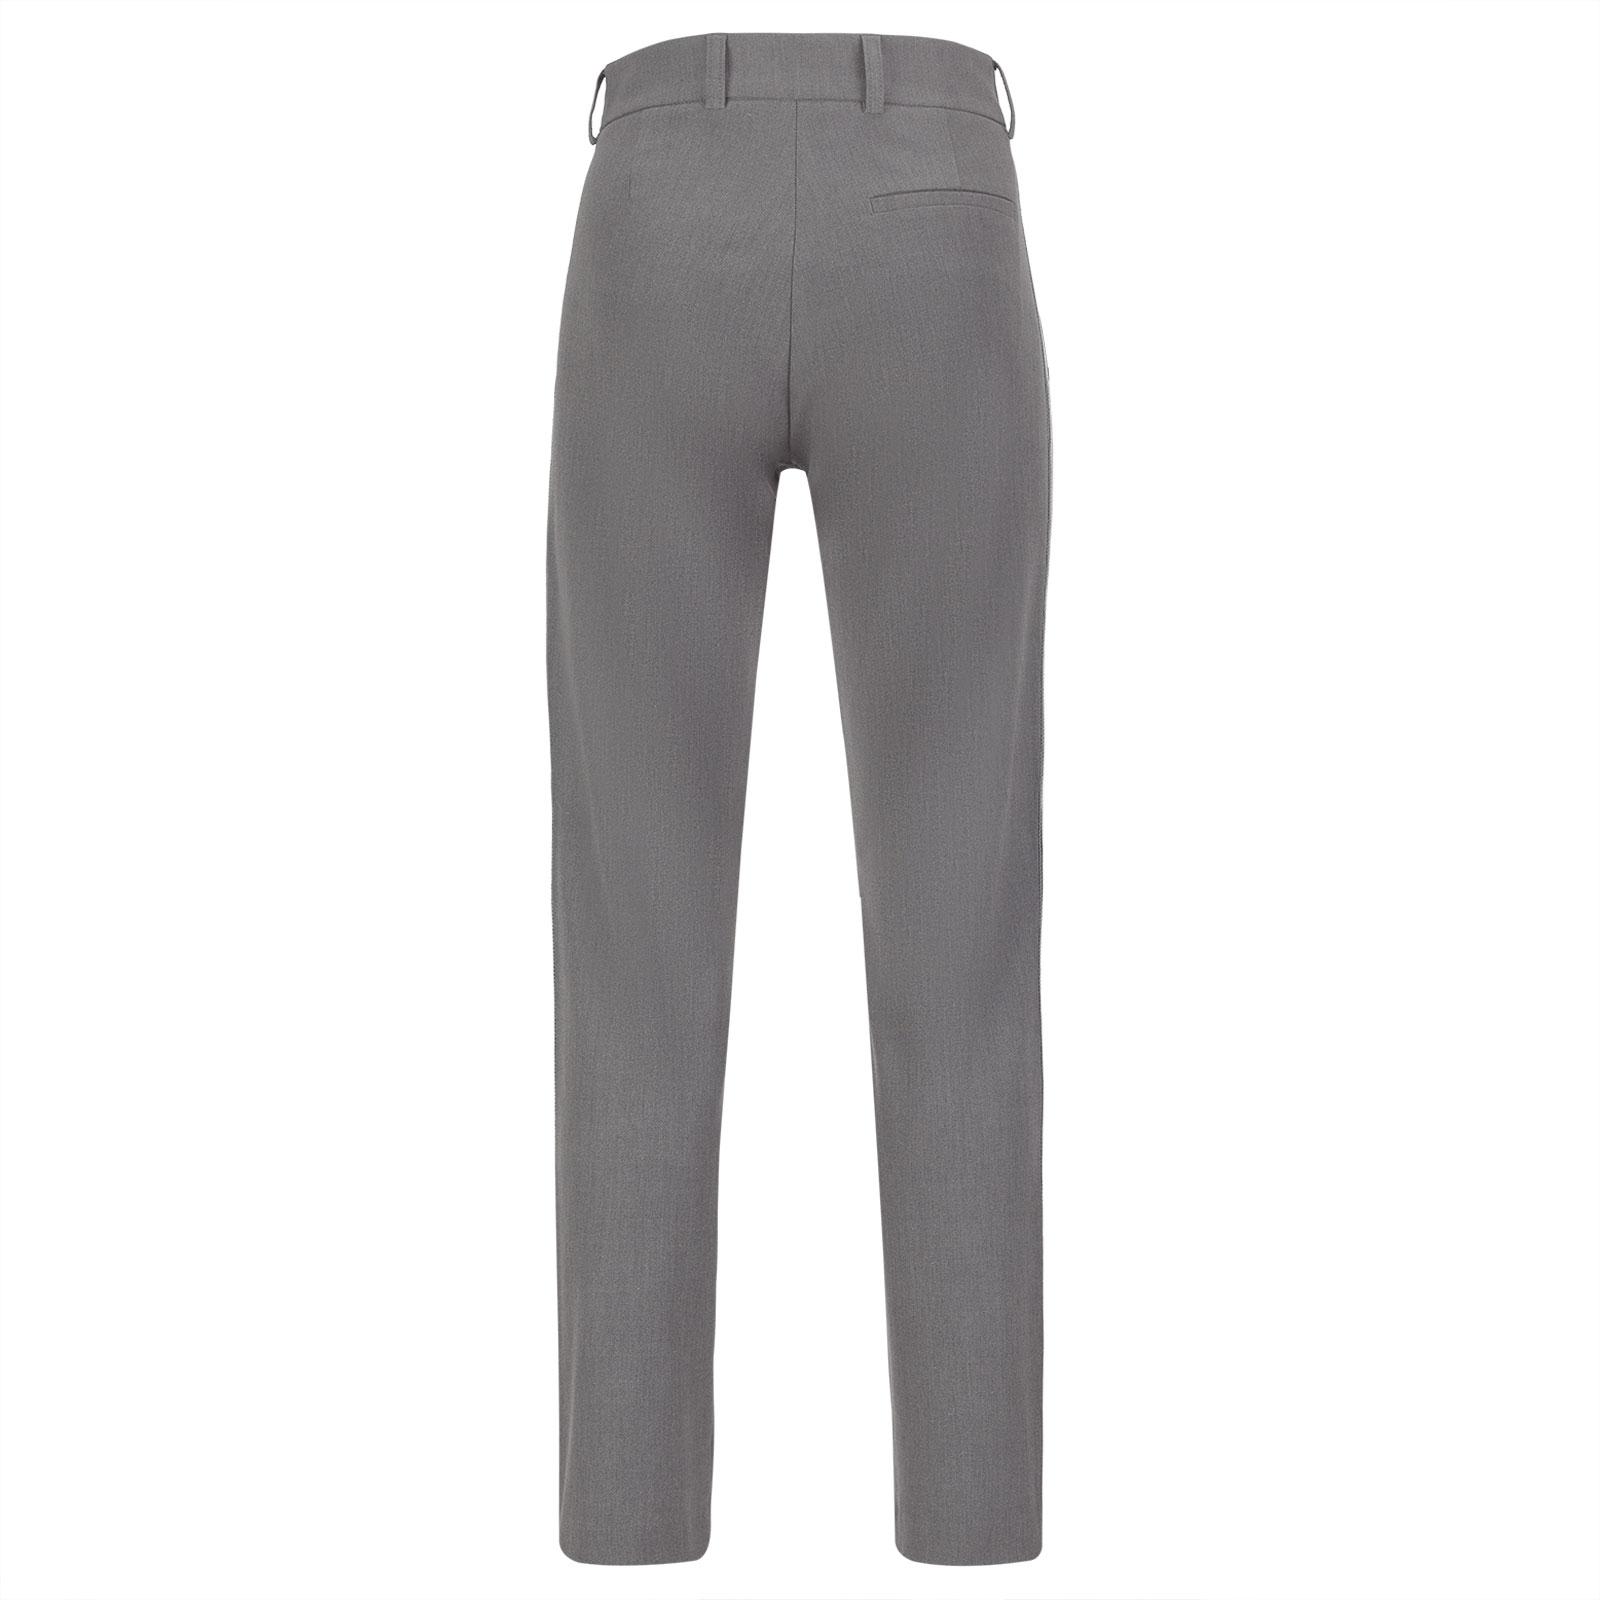 Softe Damen 7/8 Golfhose mit Galonstreifen und 4-Way-Stretch